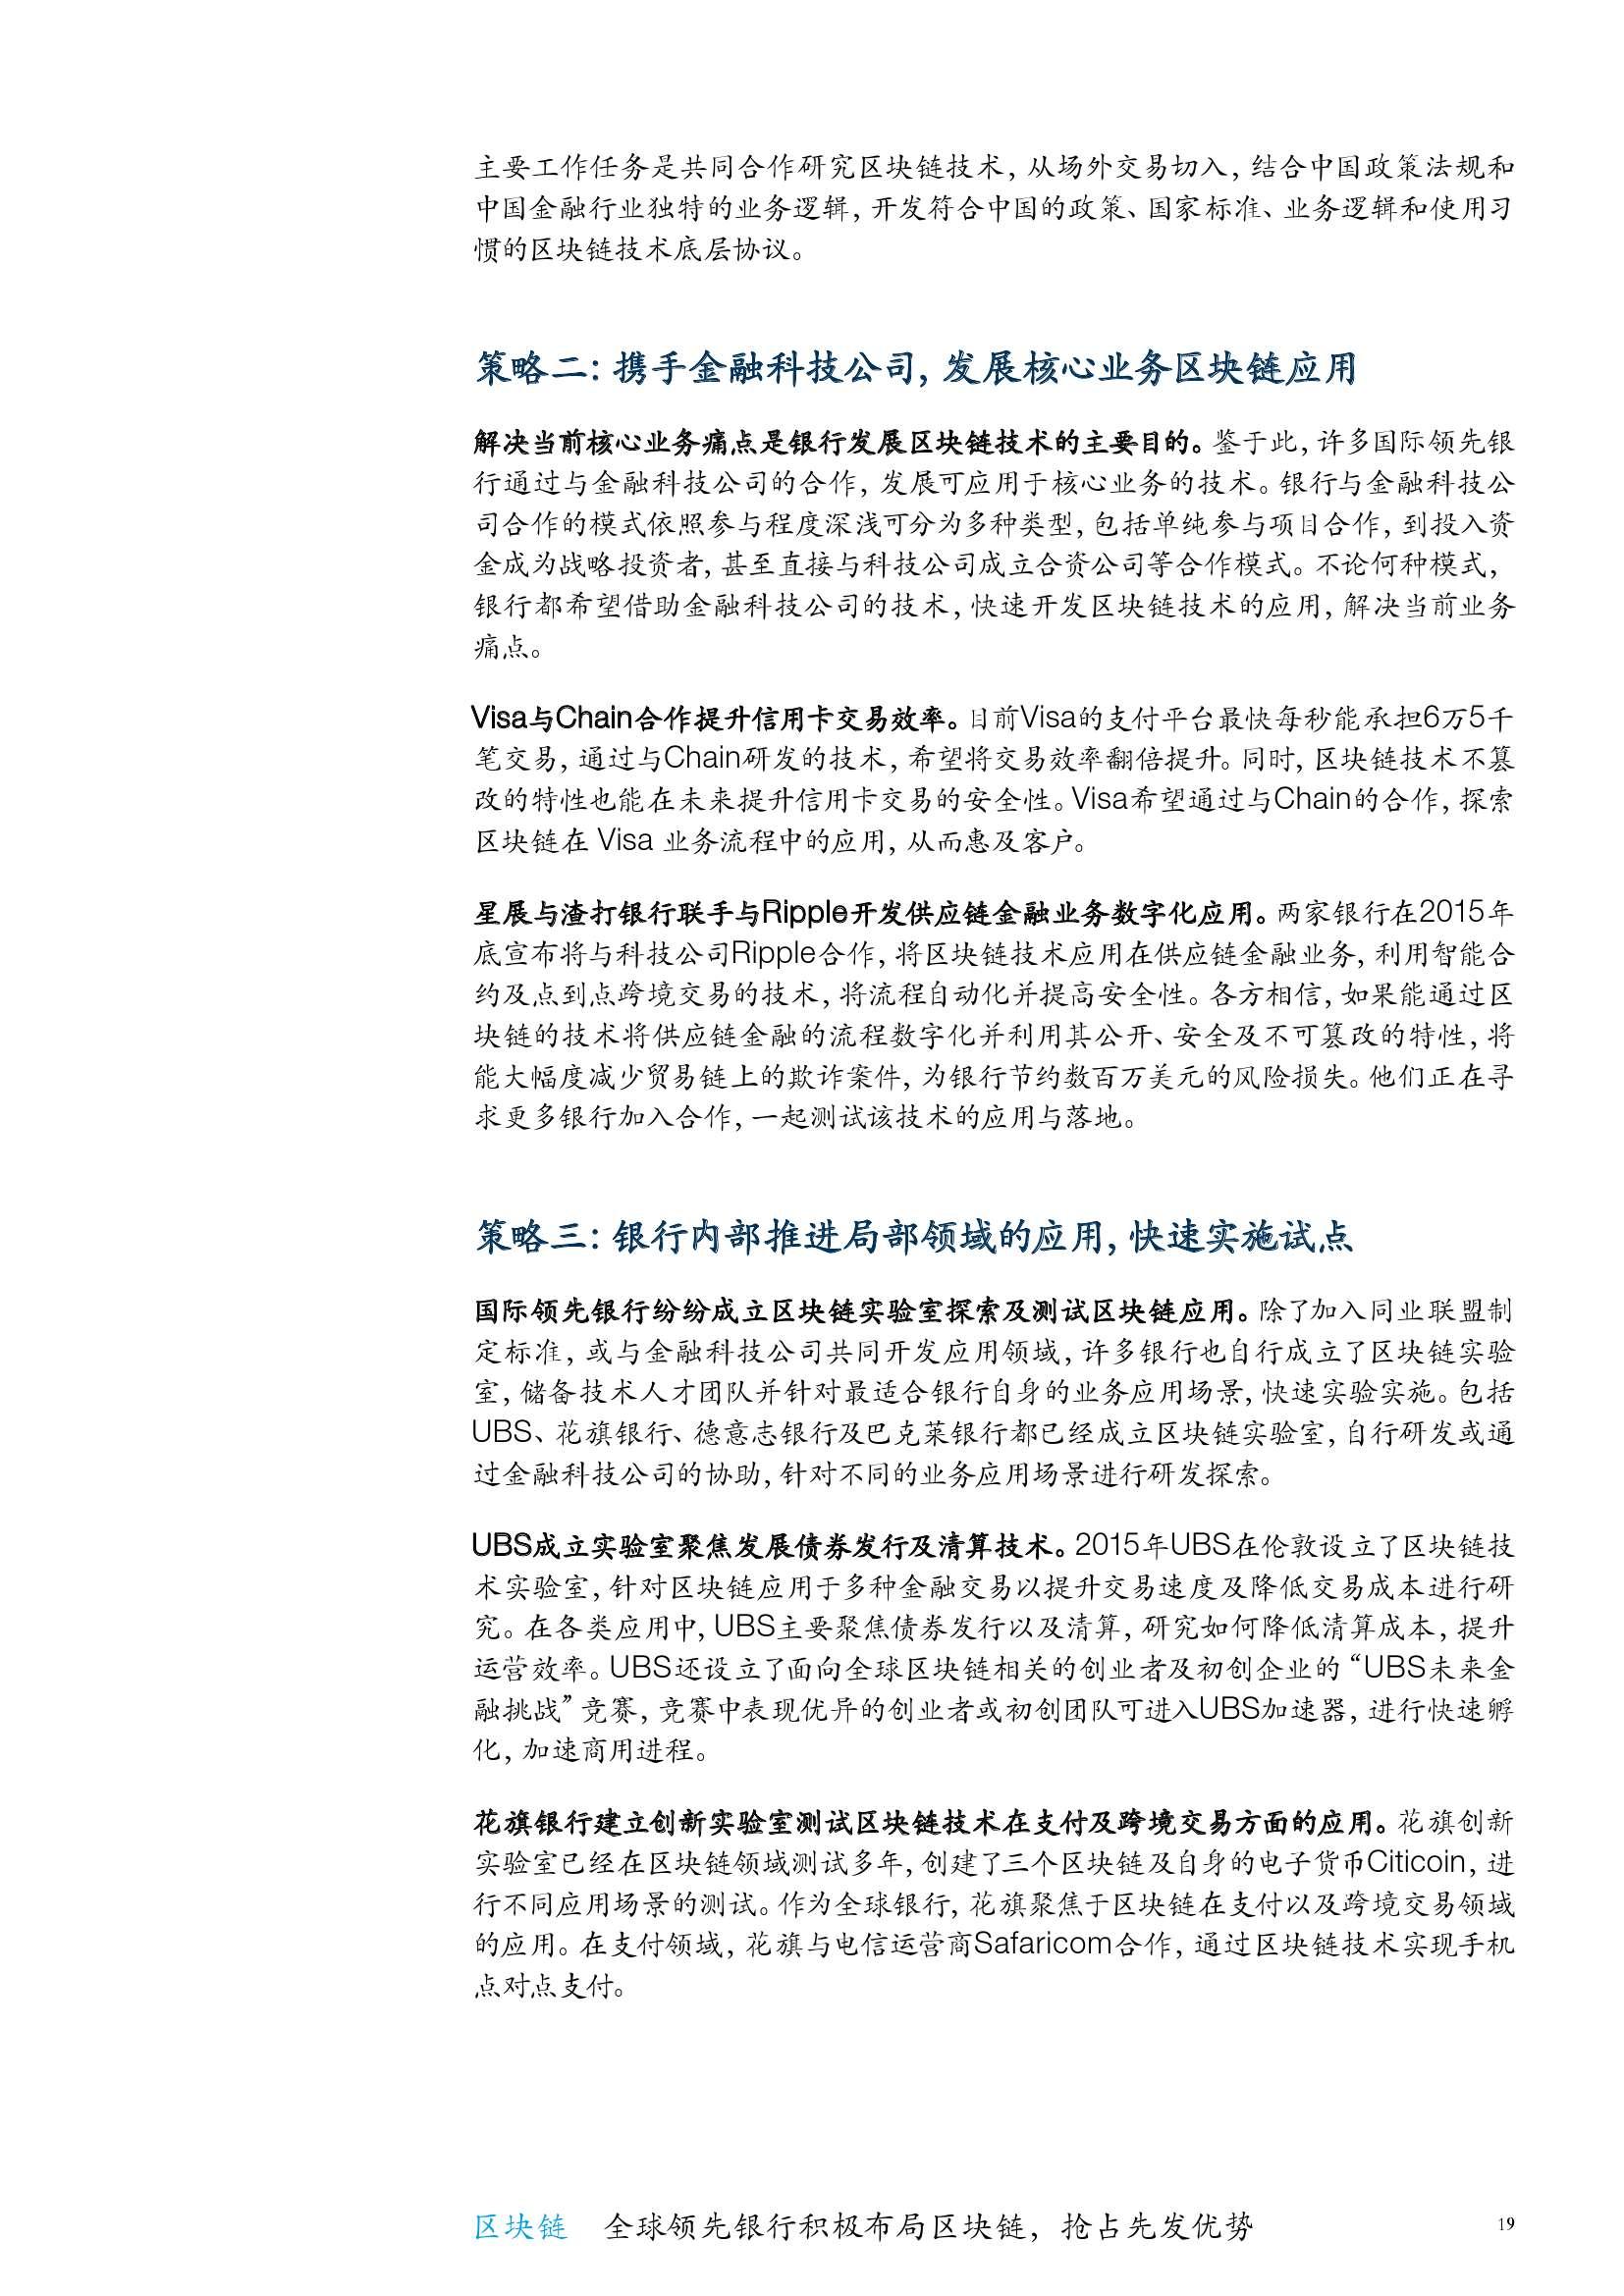 中国银行业白皮书4_000025